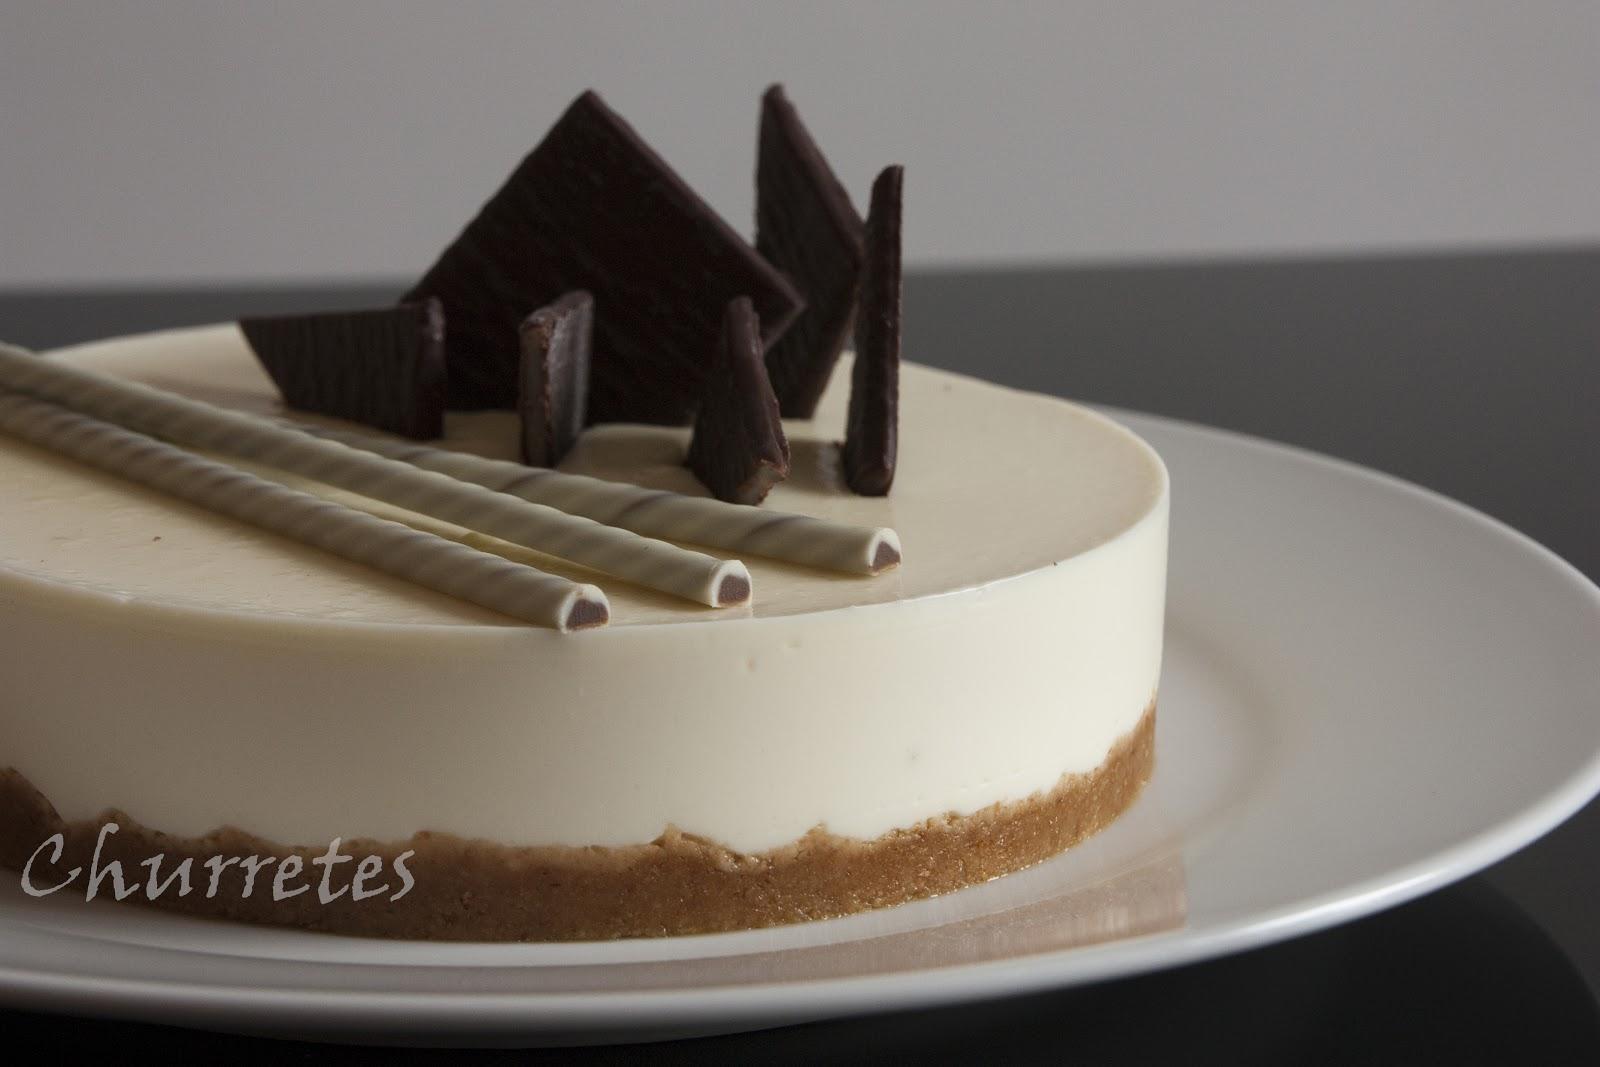 Baño Chocolate Blanco Para Tartas: de after eight y barritas de cocholate de capuchino del deluxe de lidl